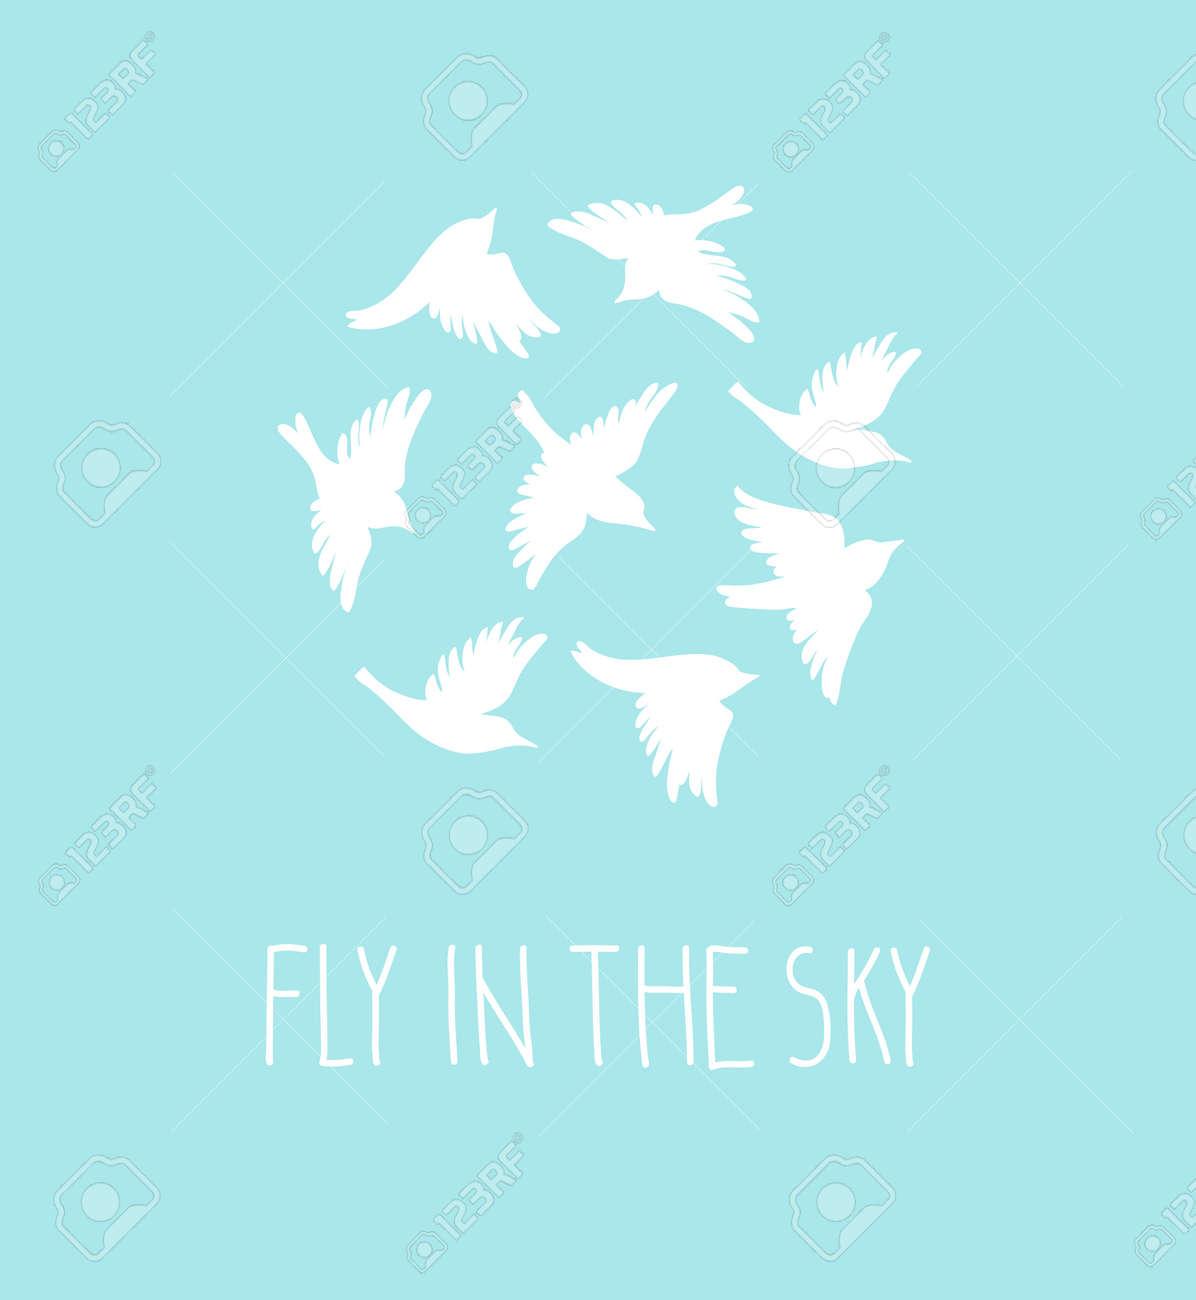 Conjunto De Silueta De Aves De Vectores Postal Azul Con Pájaros Y Frase Elegante Volar En El Cielo